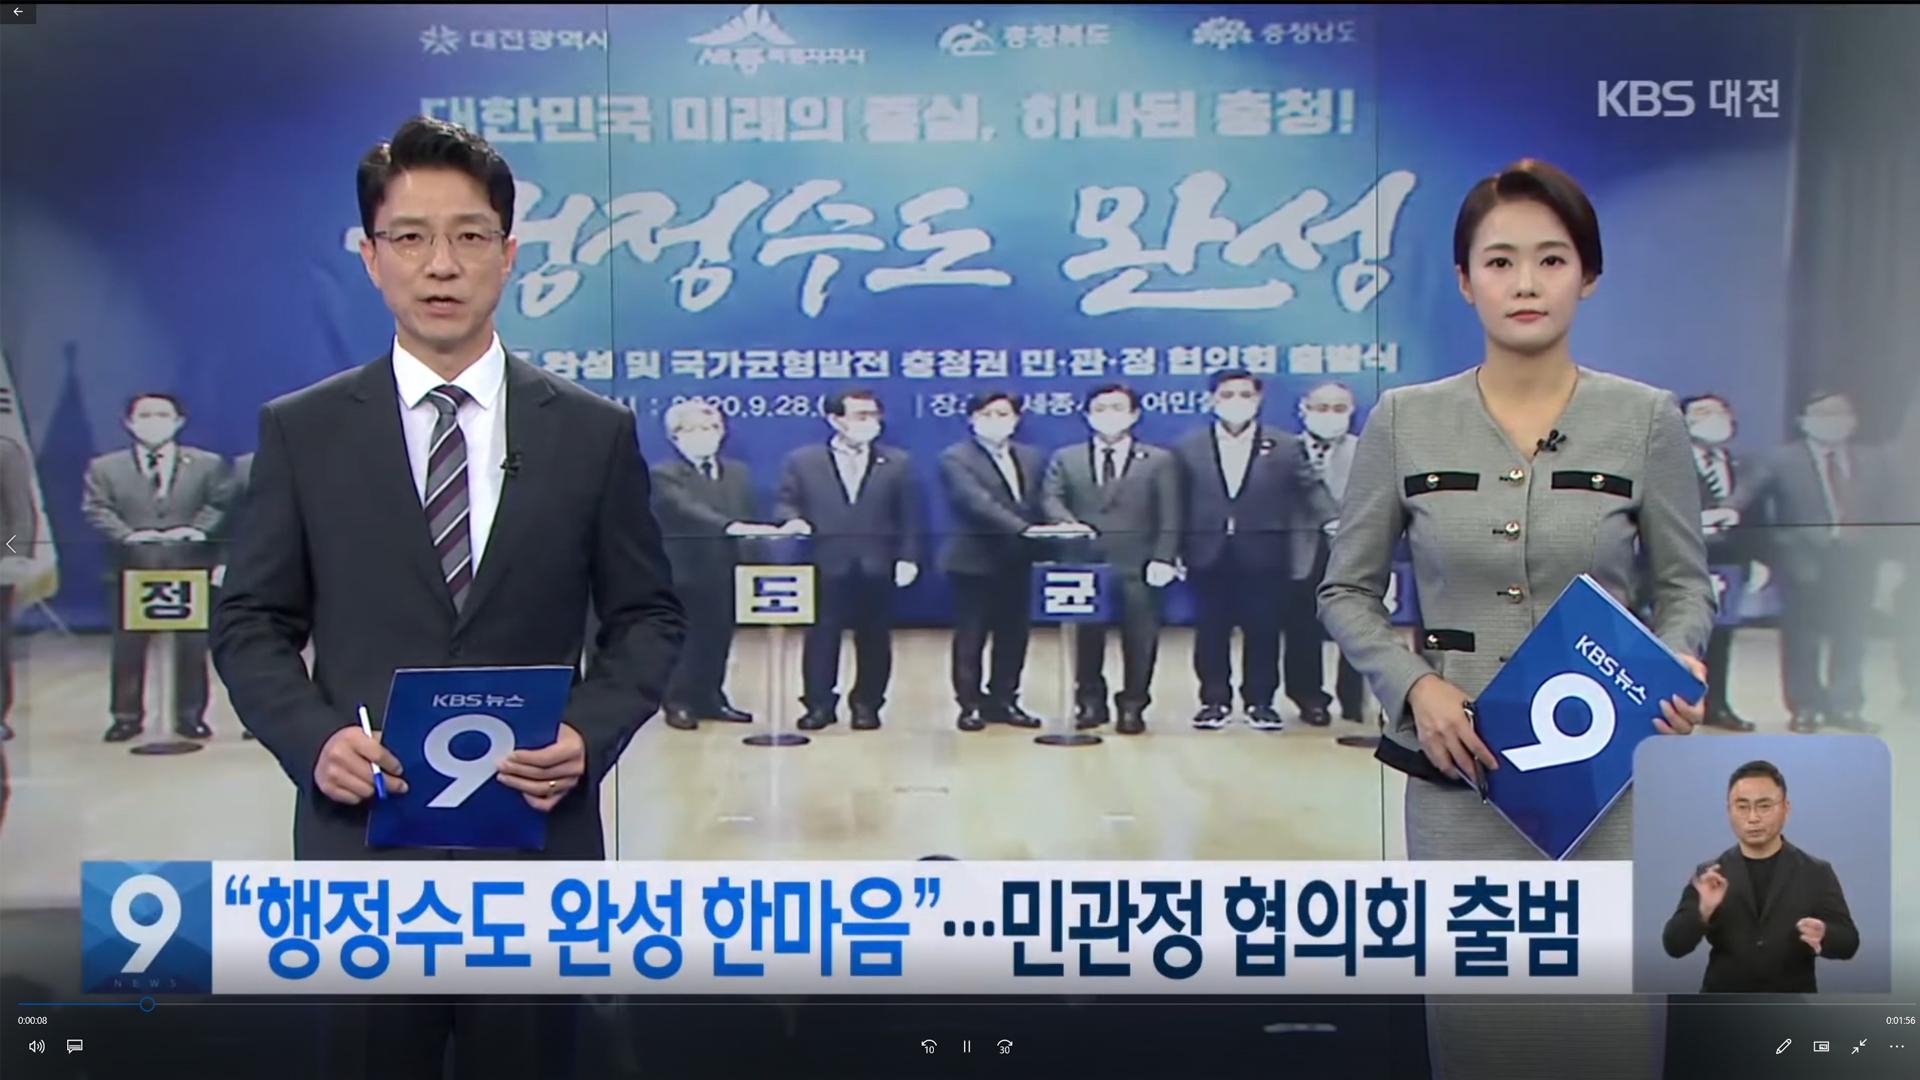 [대전KBS] 행정수도 완성 한마음 민관정 협의회 출범